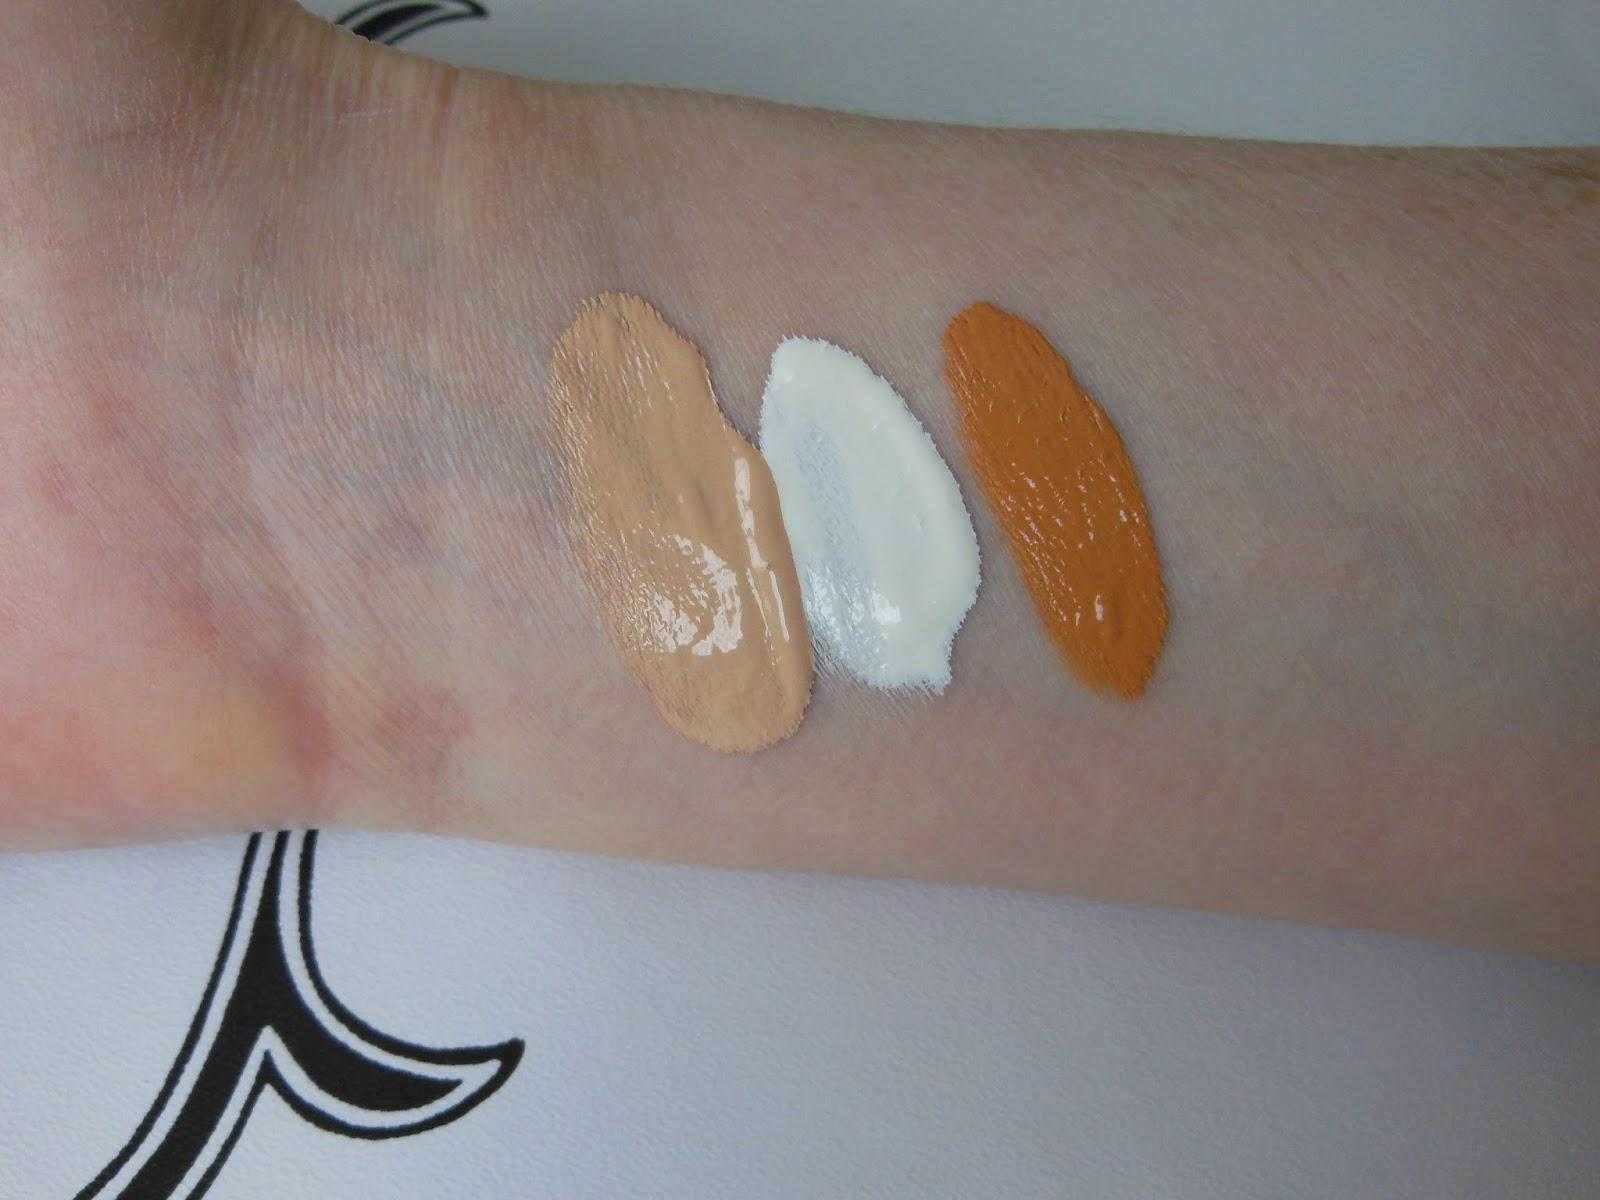 Illamasqua skin base mixer swatches